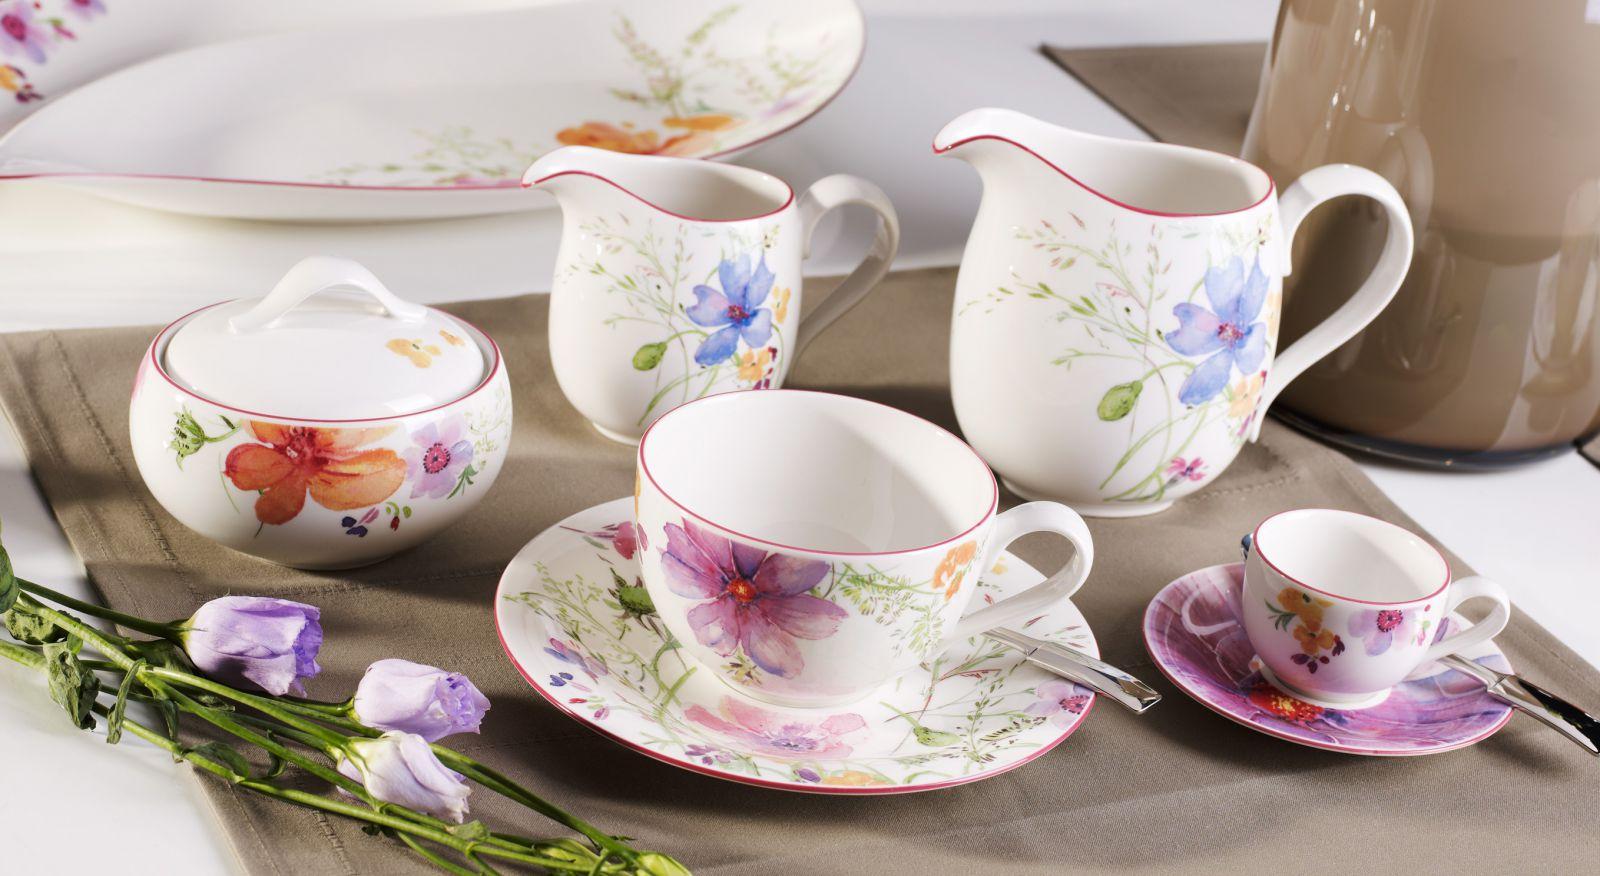 Фарфоровая венская посуда в весенней стилистике